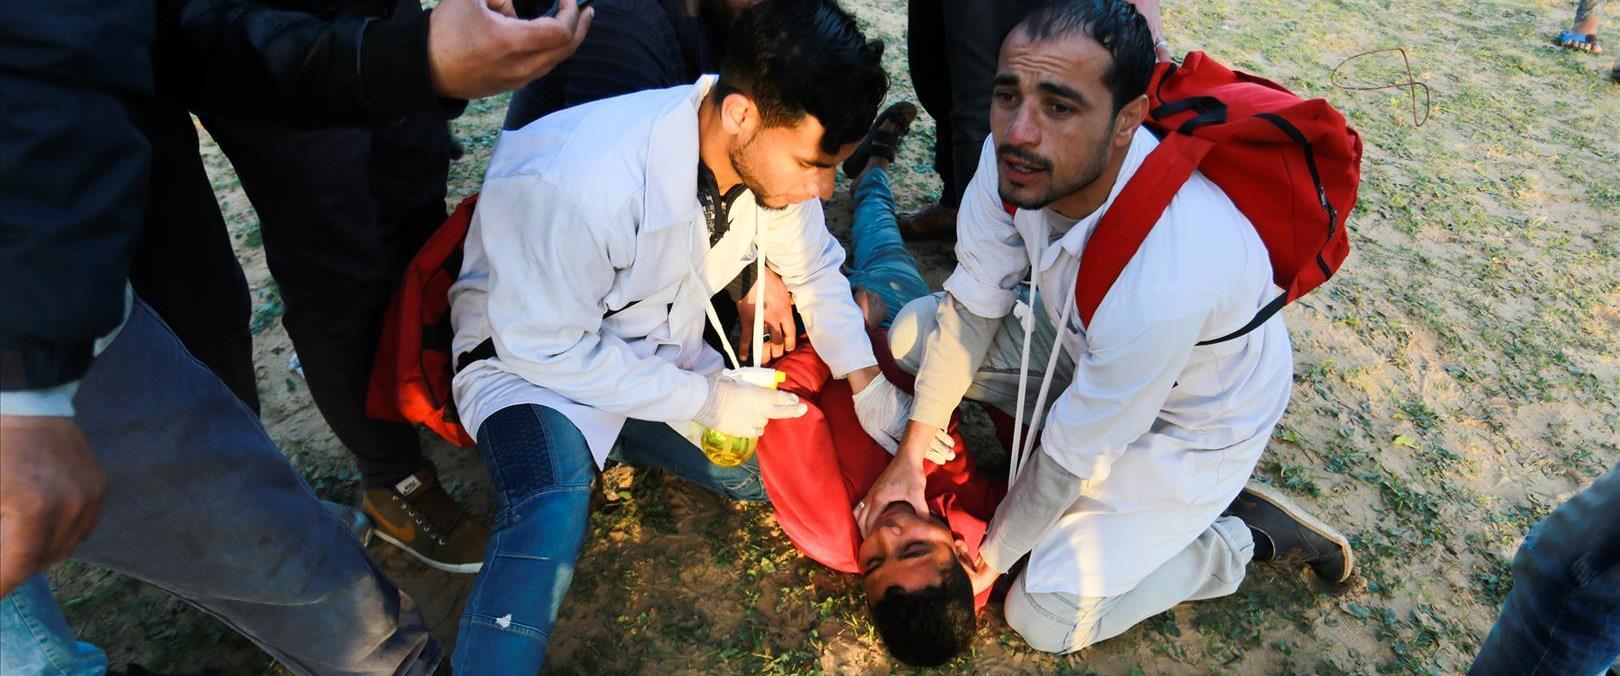 טיפול בפצוע בעימותים בגבול עזה